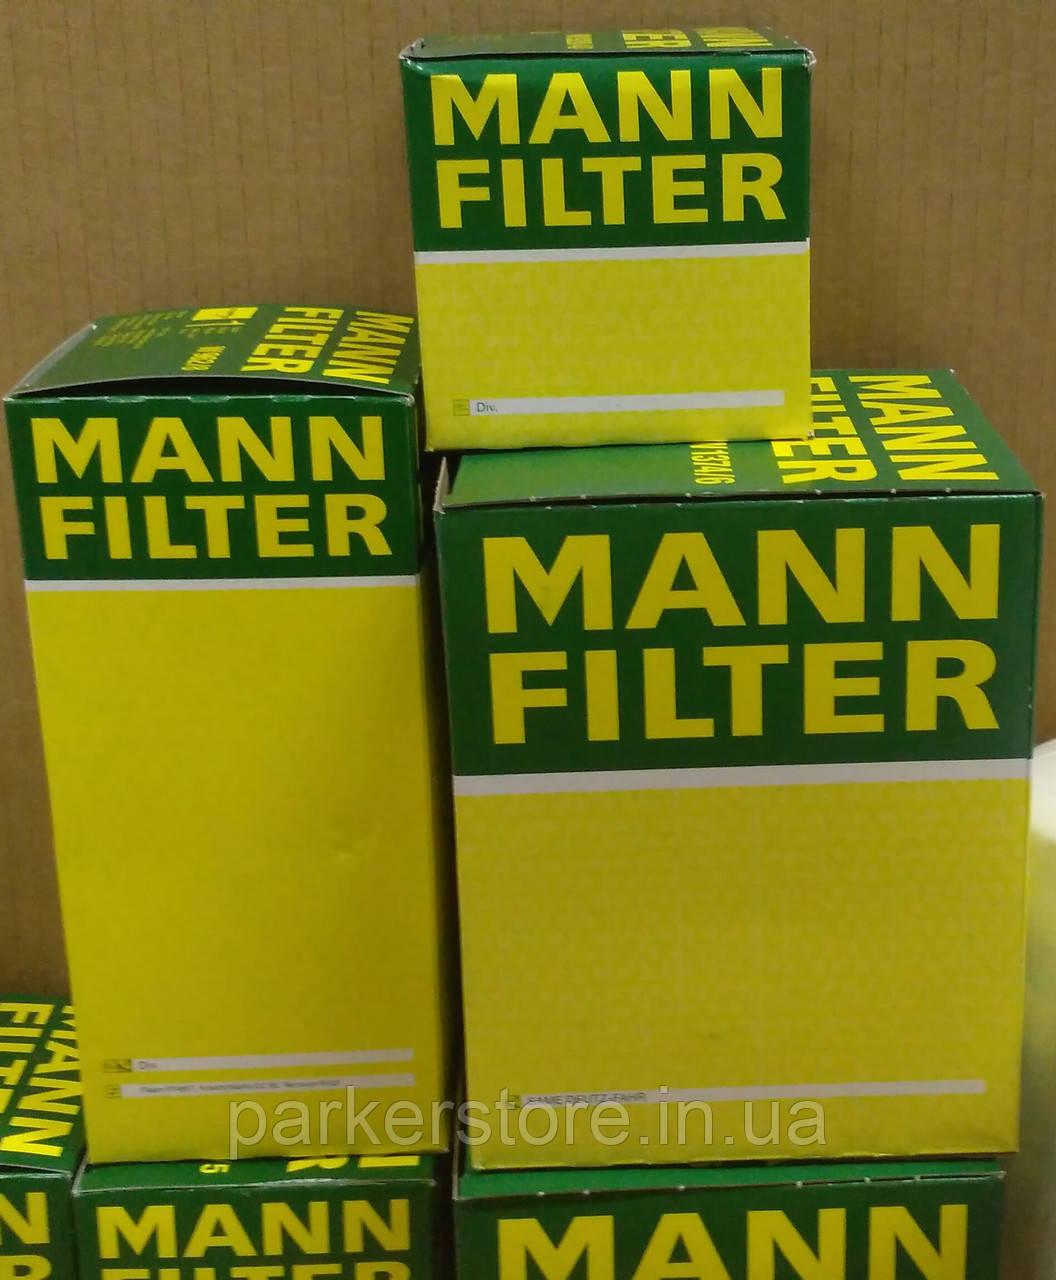 MANN FILTER / Воздушный фильтр / C 16 136 / C16136